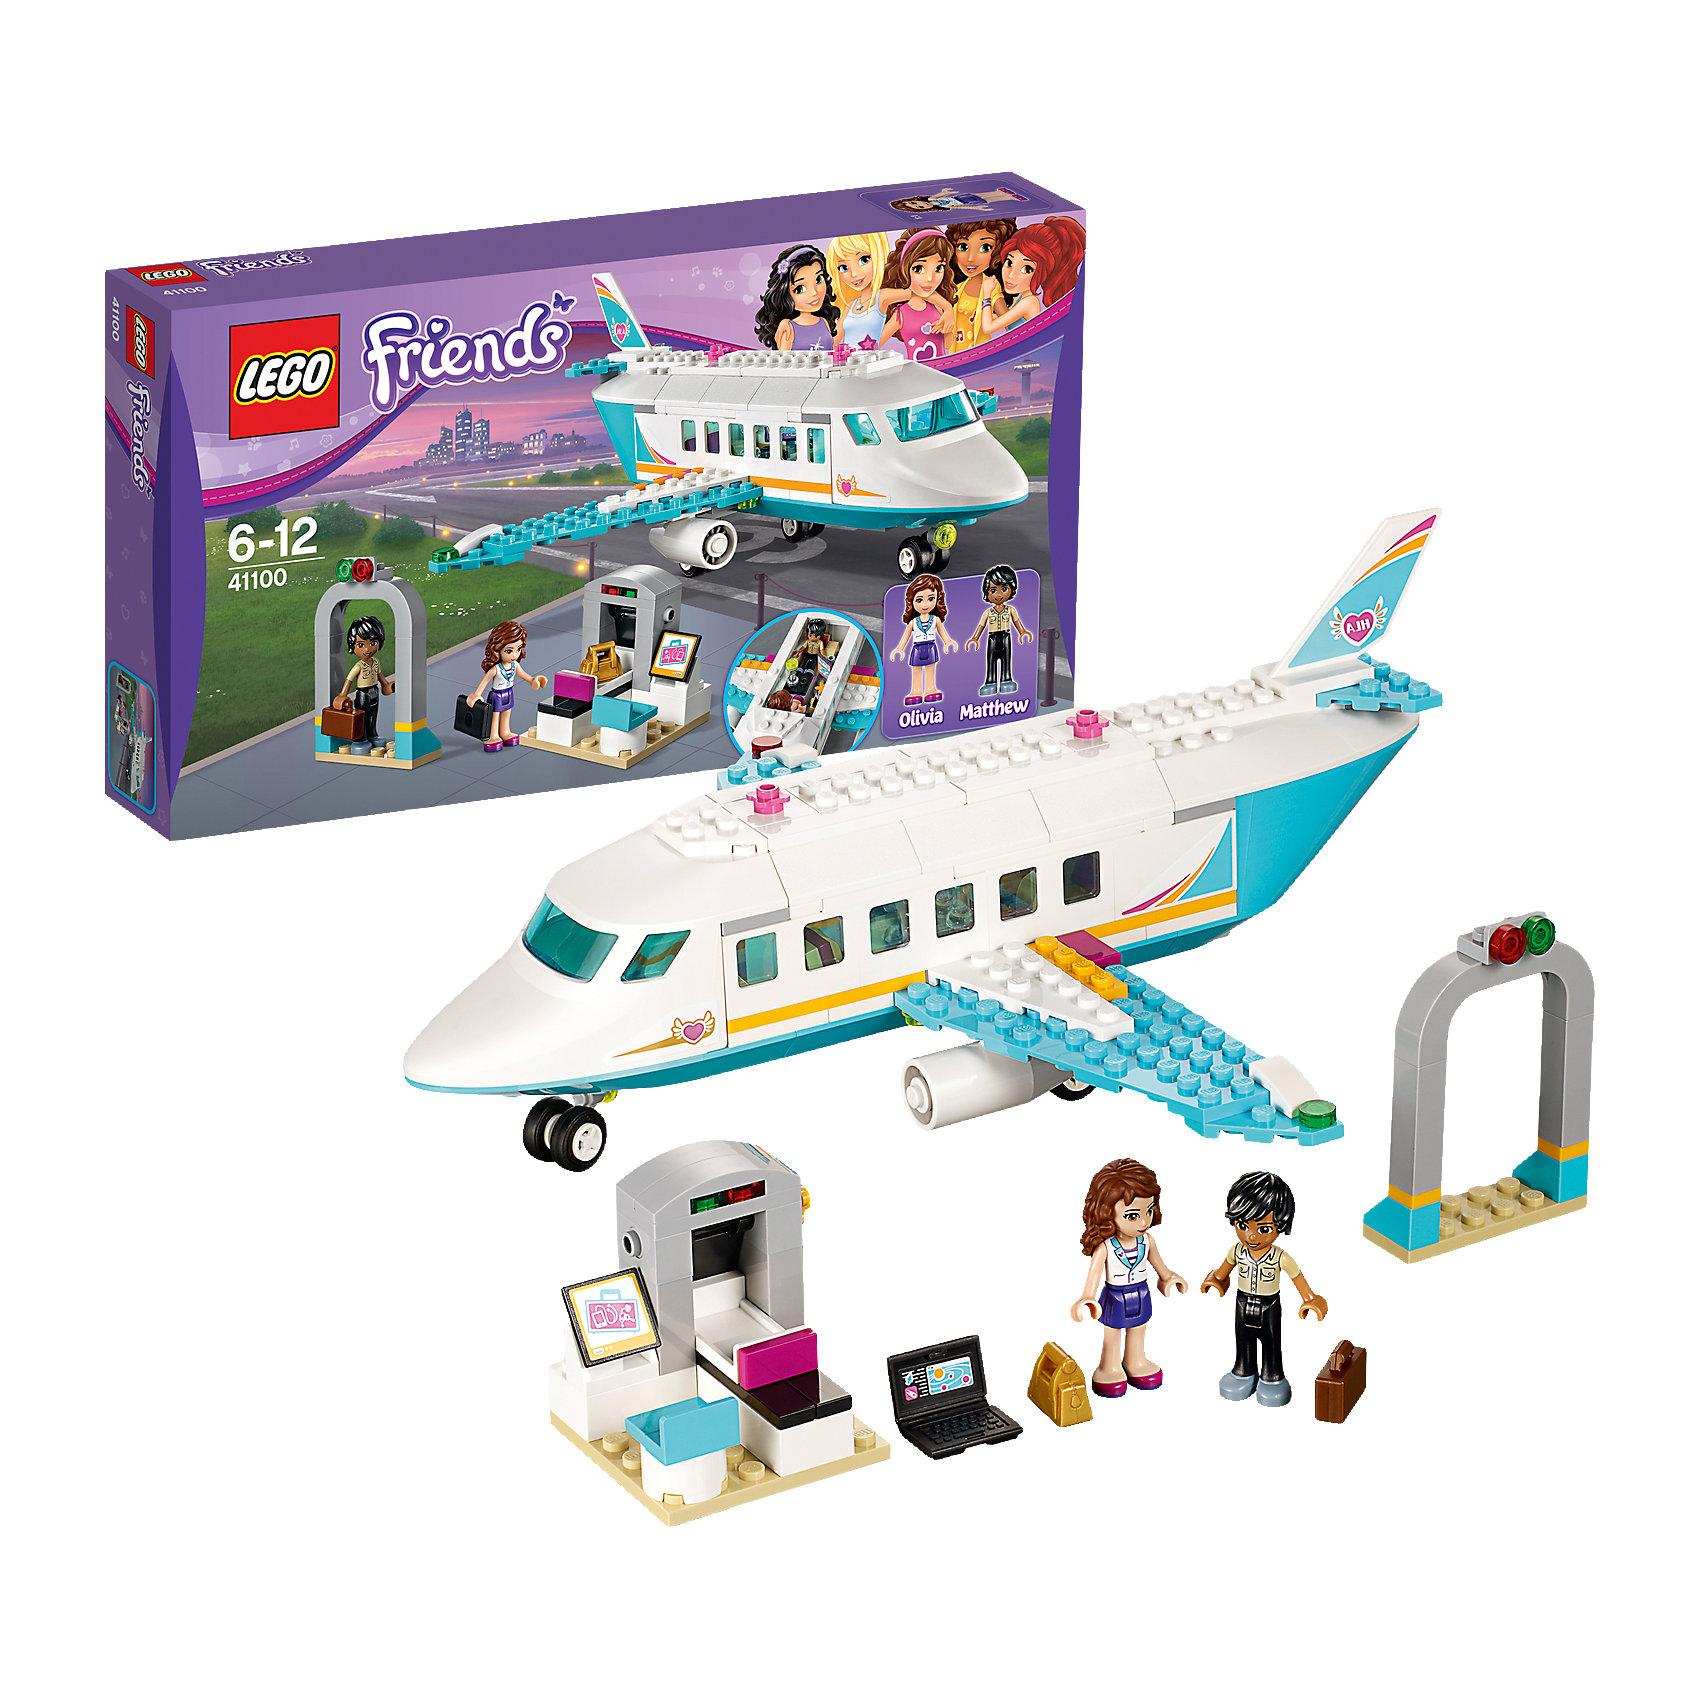 LEGO Friends 41100: Частный самолетКонструктор LEGO Friends (ЛЕГО Подружки) 41100: Частный самолет - невероятно интересный набор со множеством аксессуаров. Оливия и Мэтью отправляются в сказочное путешествие к солнцу и морю. Они полетят на прекрасном частном лайнере со всеми возможными удобствами. Но перед этим им будет необходимо пройти через рамку металлодетектора и погрузить багаж на ленту конвейера. Если все проверки на безопасность пройдены, можно садиться в самолет, где им сразу предложат прохладительные напитки и любимые фильмы. Для полного комфорта в полете можно посетить туалетную комнату. Создавая интересные ситуации, ребёнок в увлекательной игровой форме развивает фантазию, мелкую моторику и координацию движений. Девочка сможет придумать множество увлекательных сюжетов с деталями набора LEGO Friends (ЛЕГО Подружки) 41100: Частный самолет. Подключайте фантазию и Вам никогда не будет скучно в компании LEGO (ЛЕГО)!<br><br>Серия конструкторов LEGO Friends (ЛЕГО Подружки) - увлекательные игровые наборы для девочек, их отличают яркие розовые детали, изысканный дизайн и множество игровых сюжетов, любимых девочками, такие как магазин, кафе, кондитерская, кукольные домики и многие другие.<br><br>Дополнительная информация:<br><br>- Игра с конструктором  LEGO (ЛЕГО) развивает мелкую моторику ребенка, фантазию и воображение, учит его усидчивости и внимательности;<br>- В комплекте: 2 минифигурки (Оливия и Мэтью),  множество тематических аксессуаров, детали набора; <br>- Количество деталей: 230 шт;<br>- Отлично подойдет для сюжетно-ролевых игр;<br>- Серия: LEGO Friends (ЛЕГО Подружки);<br>- Материал: высококачественный пластик;<br>- Размер упаковки: 35 х 19 х 6 см.<br><br>Конструктор LEGO Friends (ЛЕГО Подружки) 41100: Частный самолет можно купить в нашем интернет-магазине.<br><br>Ширина мм: 352<br>Глубина мм: 190<br>Высота мм: 58<br>Вес г: 426<br>Возраст от месяцев: 72<br>Возраст до месяцев: 144<br>Пол: Женский<br>Возраст: Детский<br>SKU: 4047367